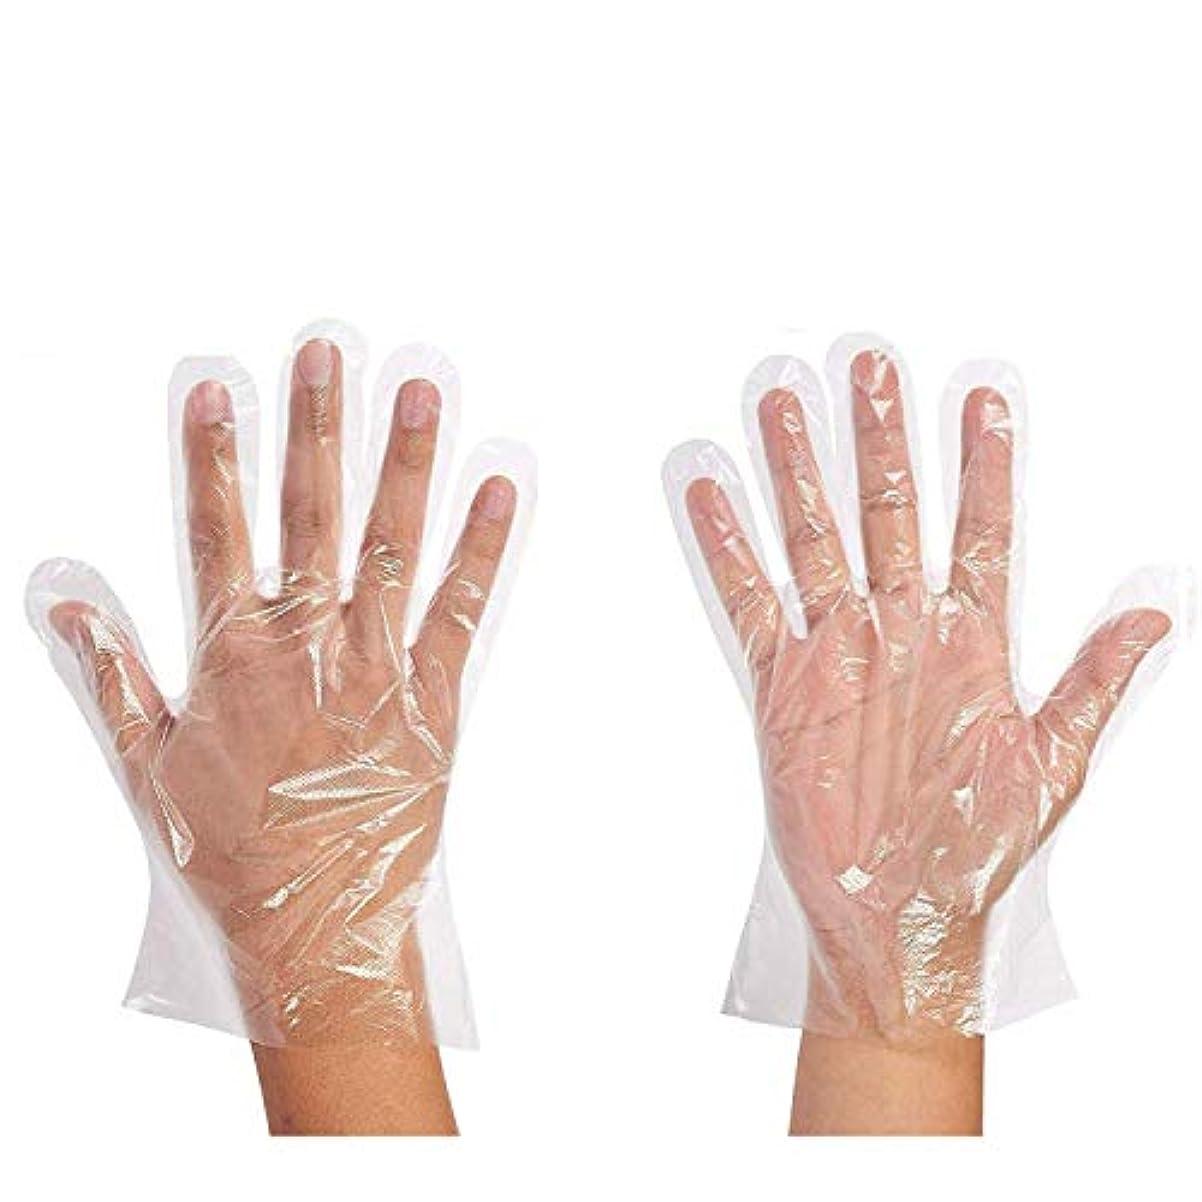 独創的強化するすなわち500枚セット使い捨て手袋 ポリエチレン 極薄ビニール手袋 実用 衛生 極薄手袋毛染めに 調理に お掃除に 透明